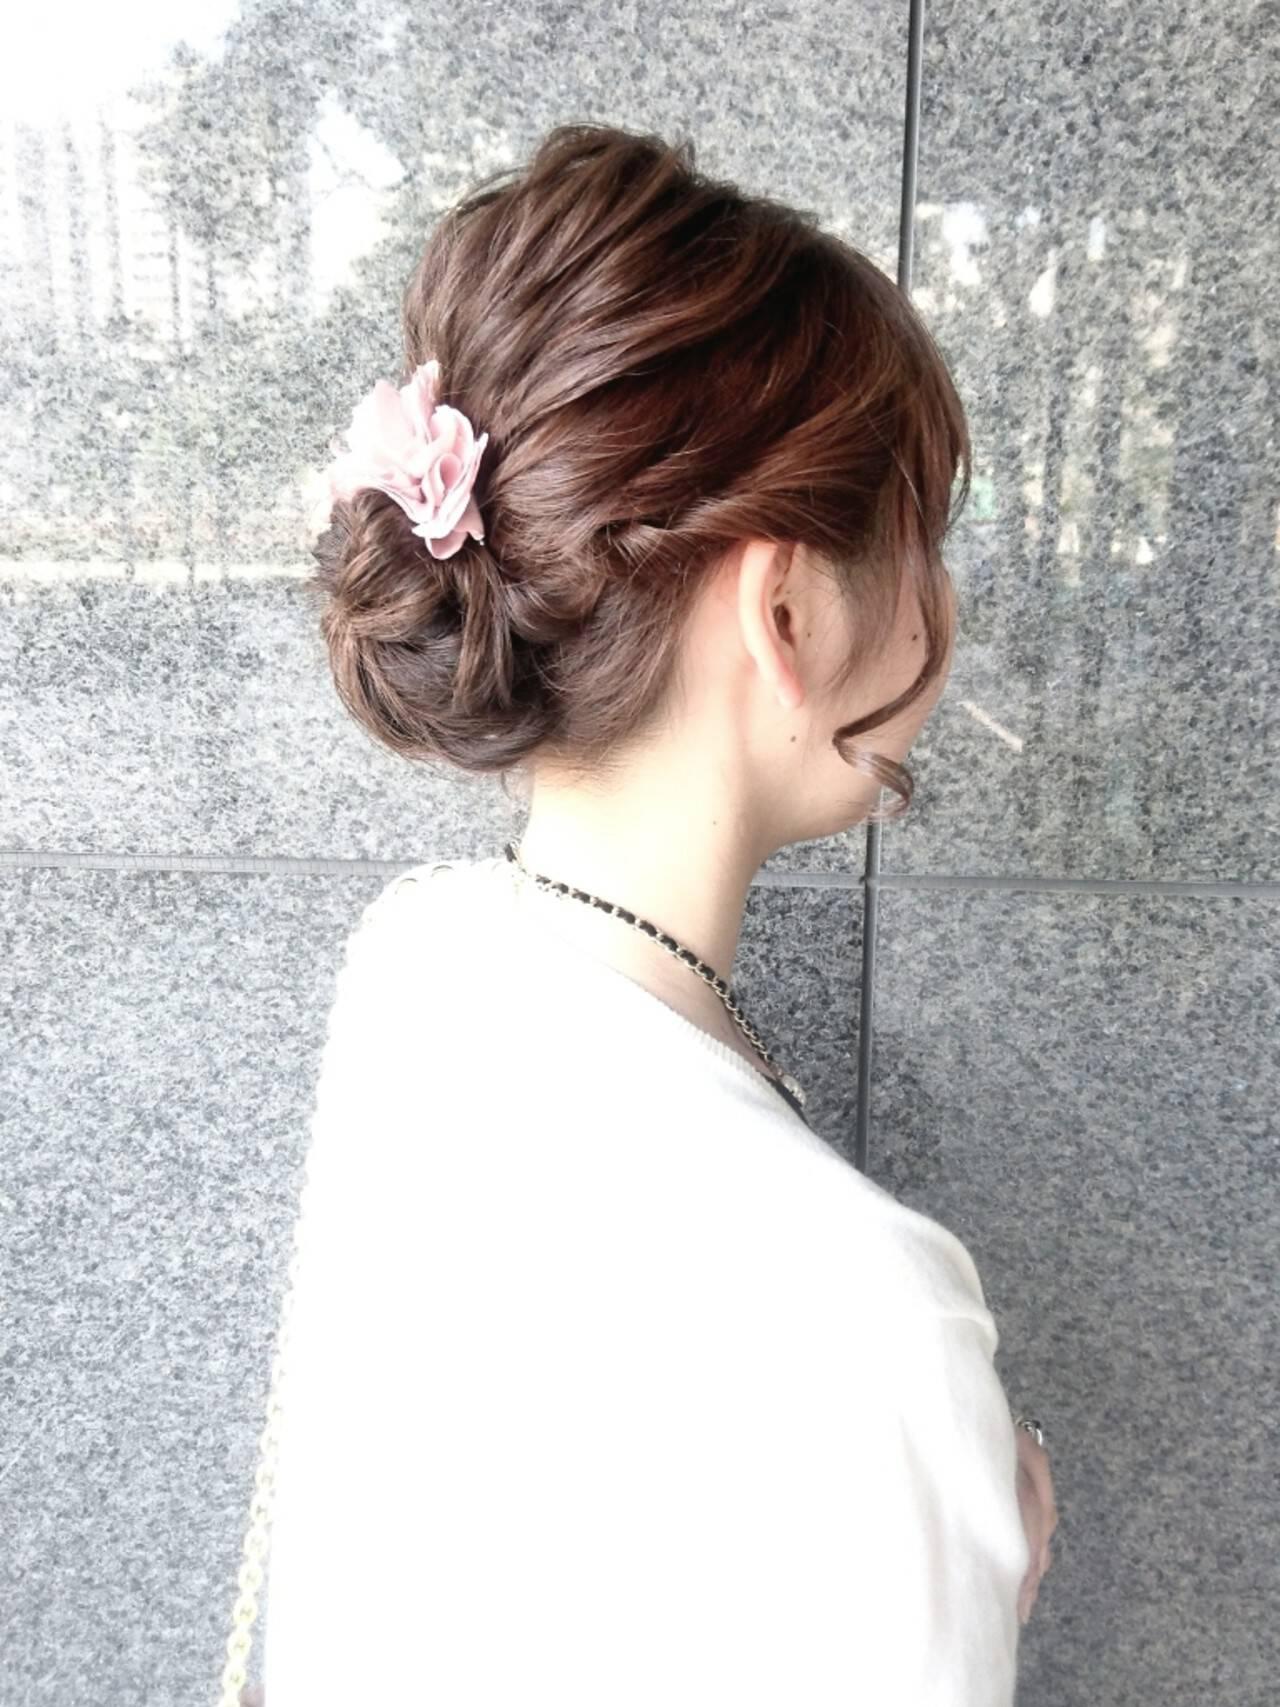 ミディアム ヘアアレンジ ナチュラル ハーフアップヘアスタイルや髪型の写真・画像